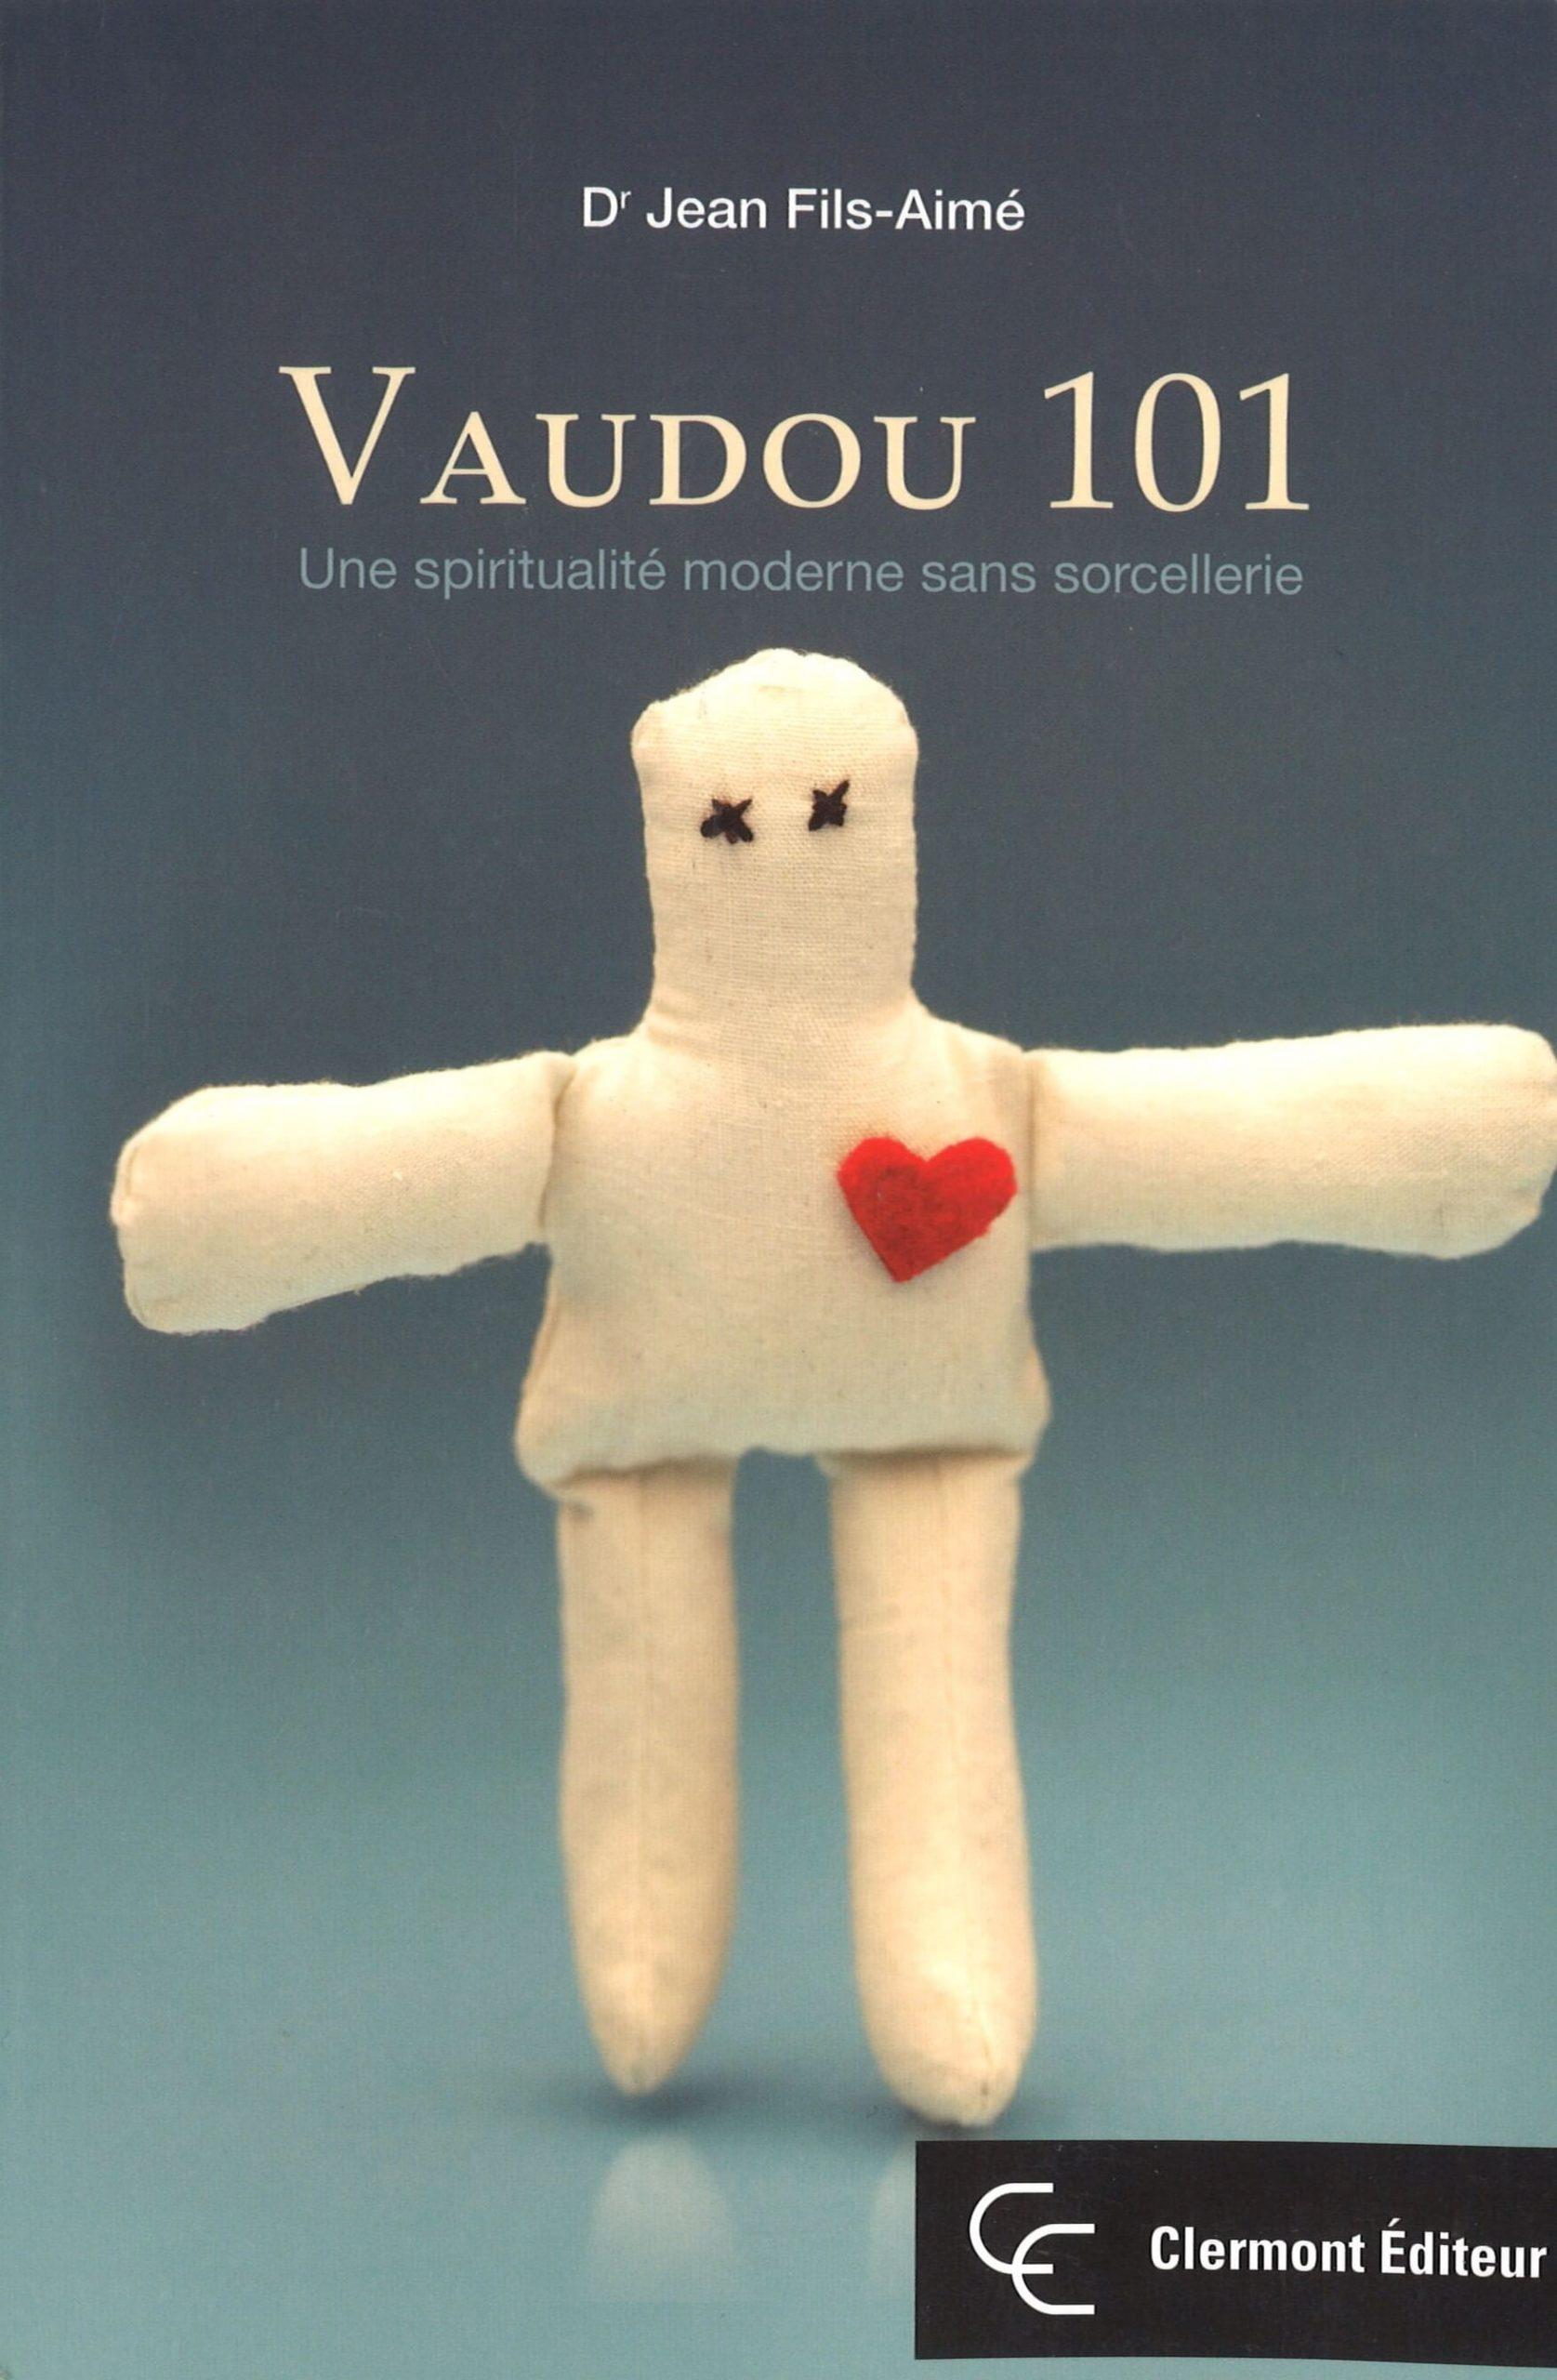 DR. JEAN FILS-AIMÉ, PH.D., vaudou 101, une spiritualité moderne sans sorcellerie, ISBN: 978-2-923899-08-4